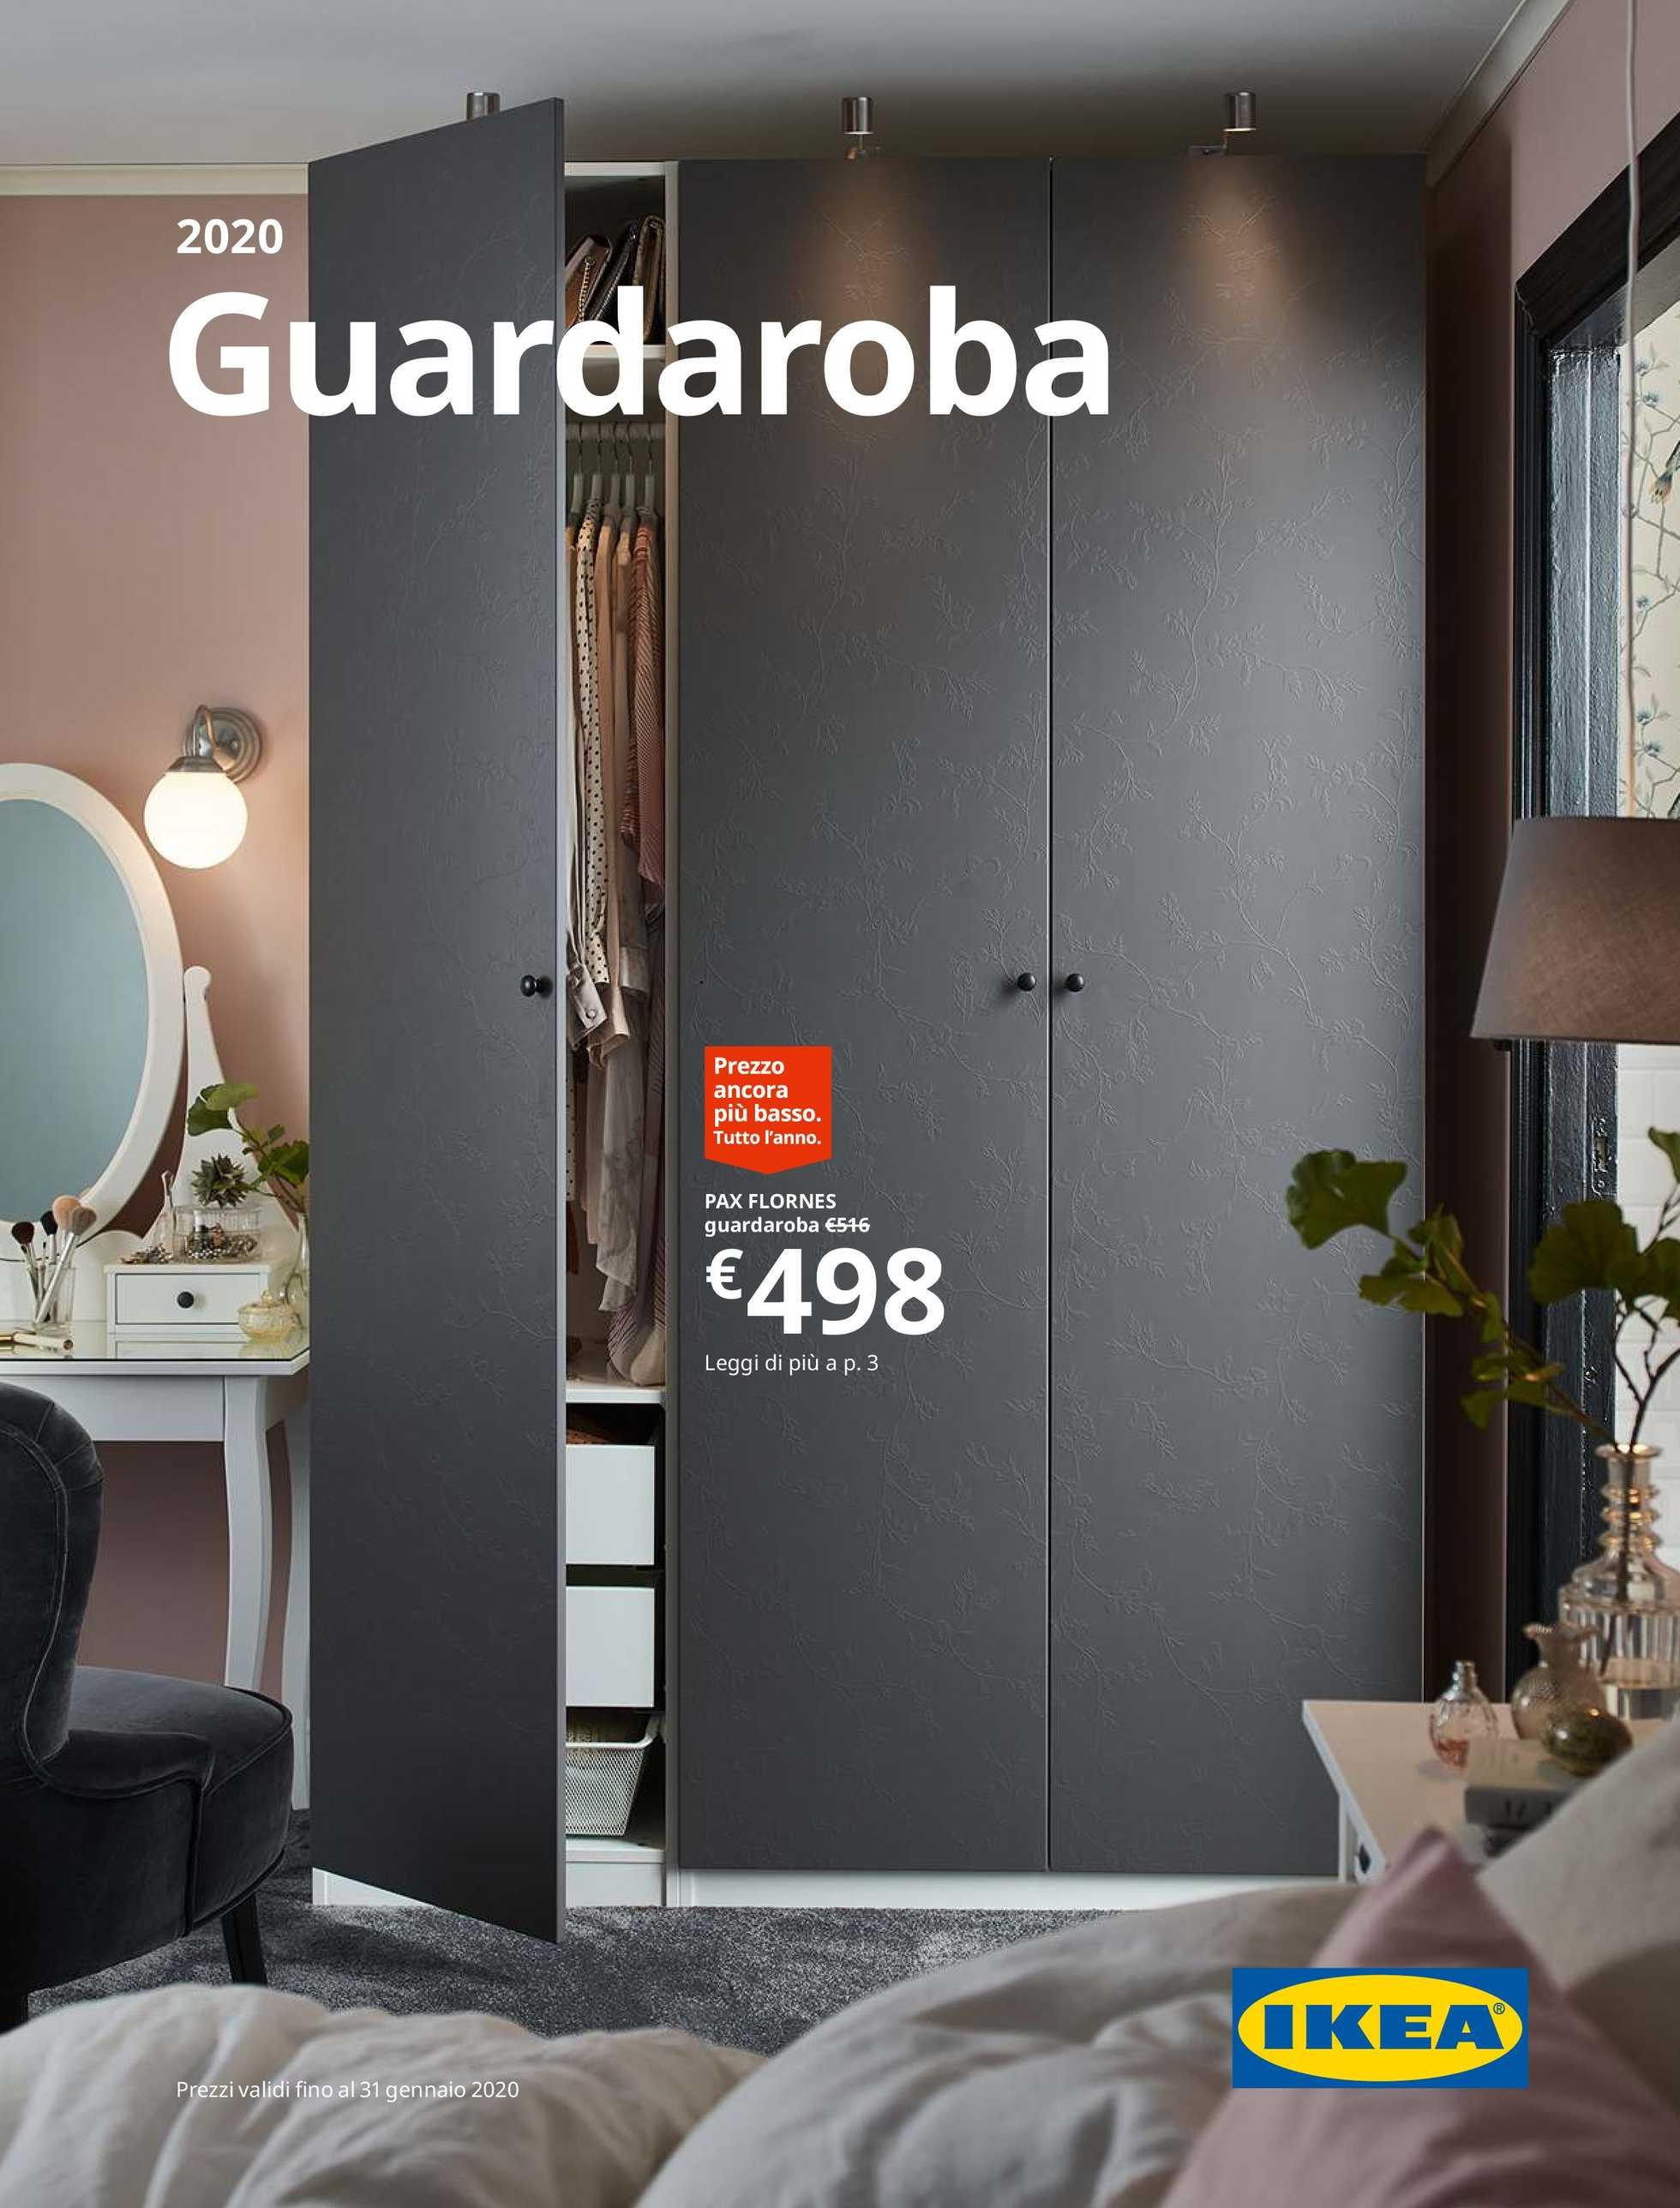 Guardaroba Ikea 2019.Ikea Guardaroba 2020 01 09 2019 It Promotons Com